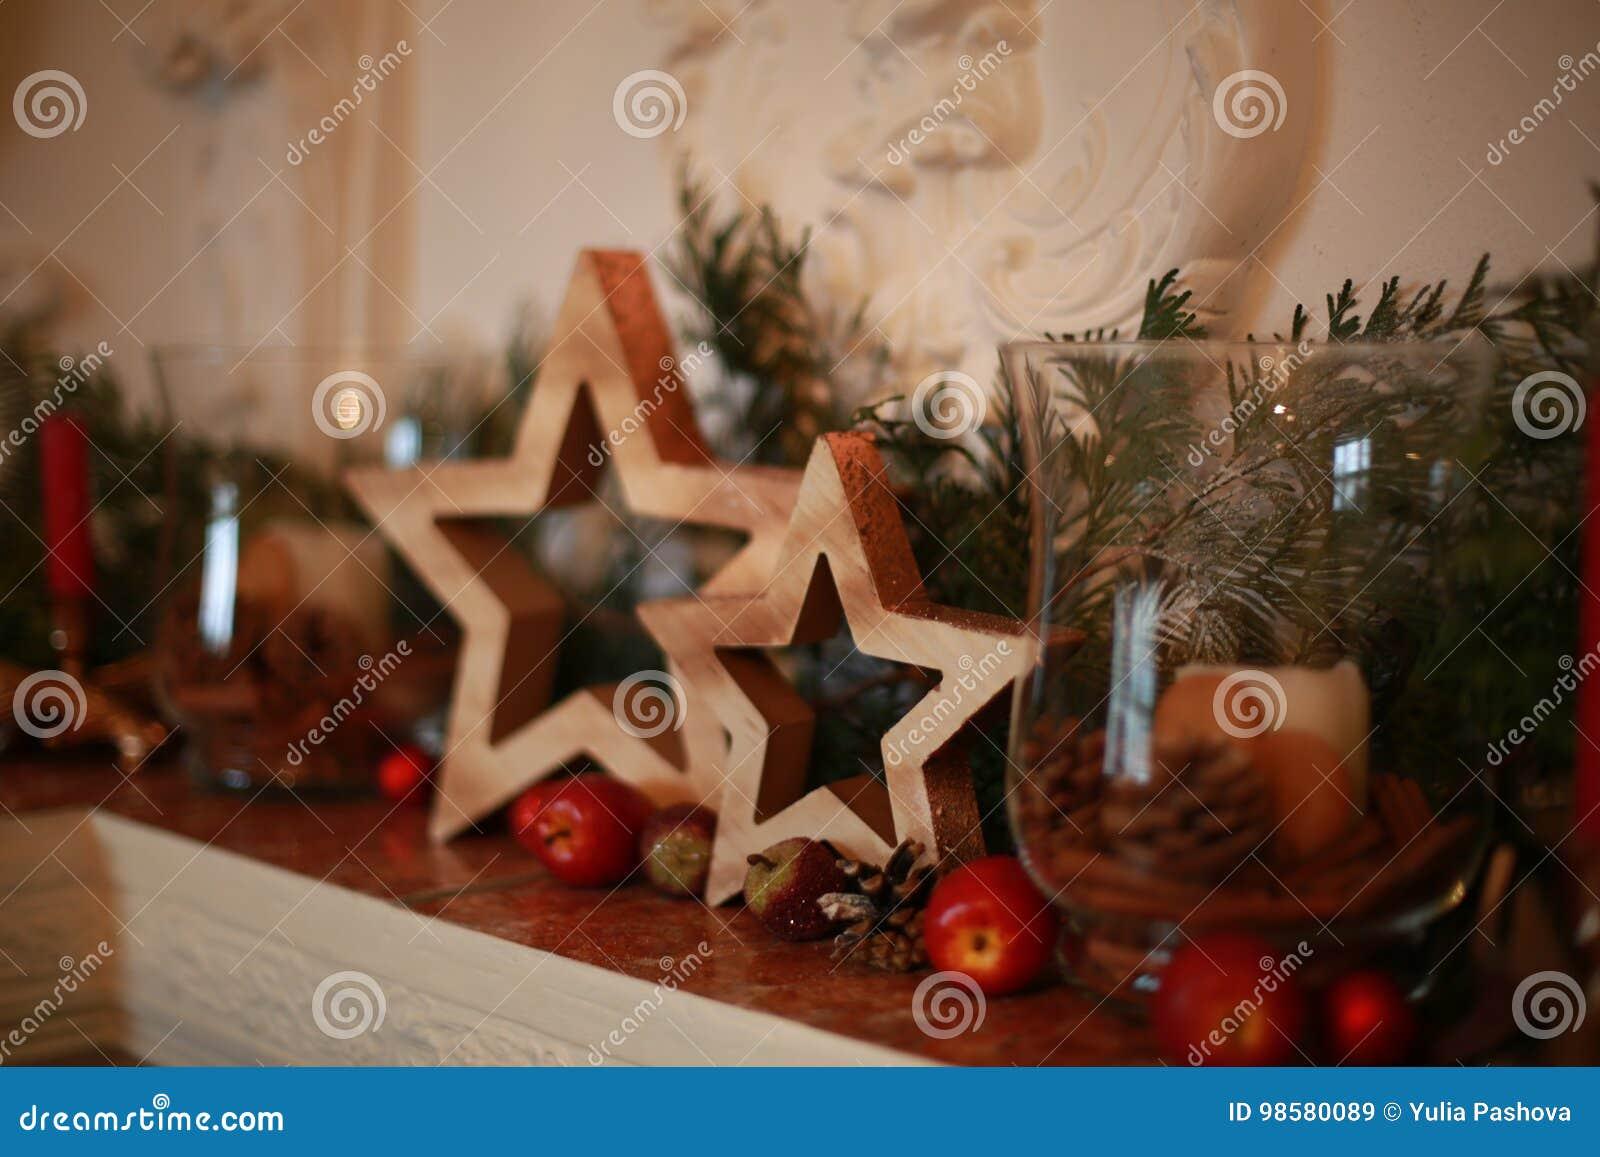 Dekor de Noël